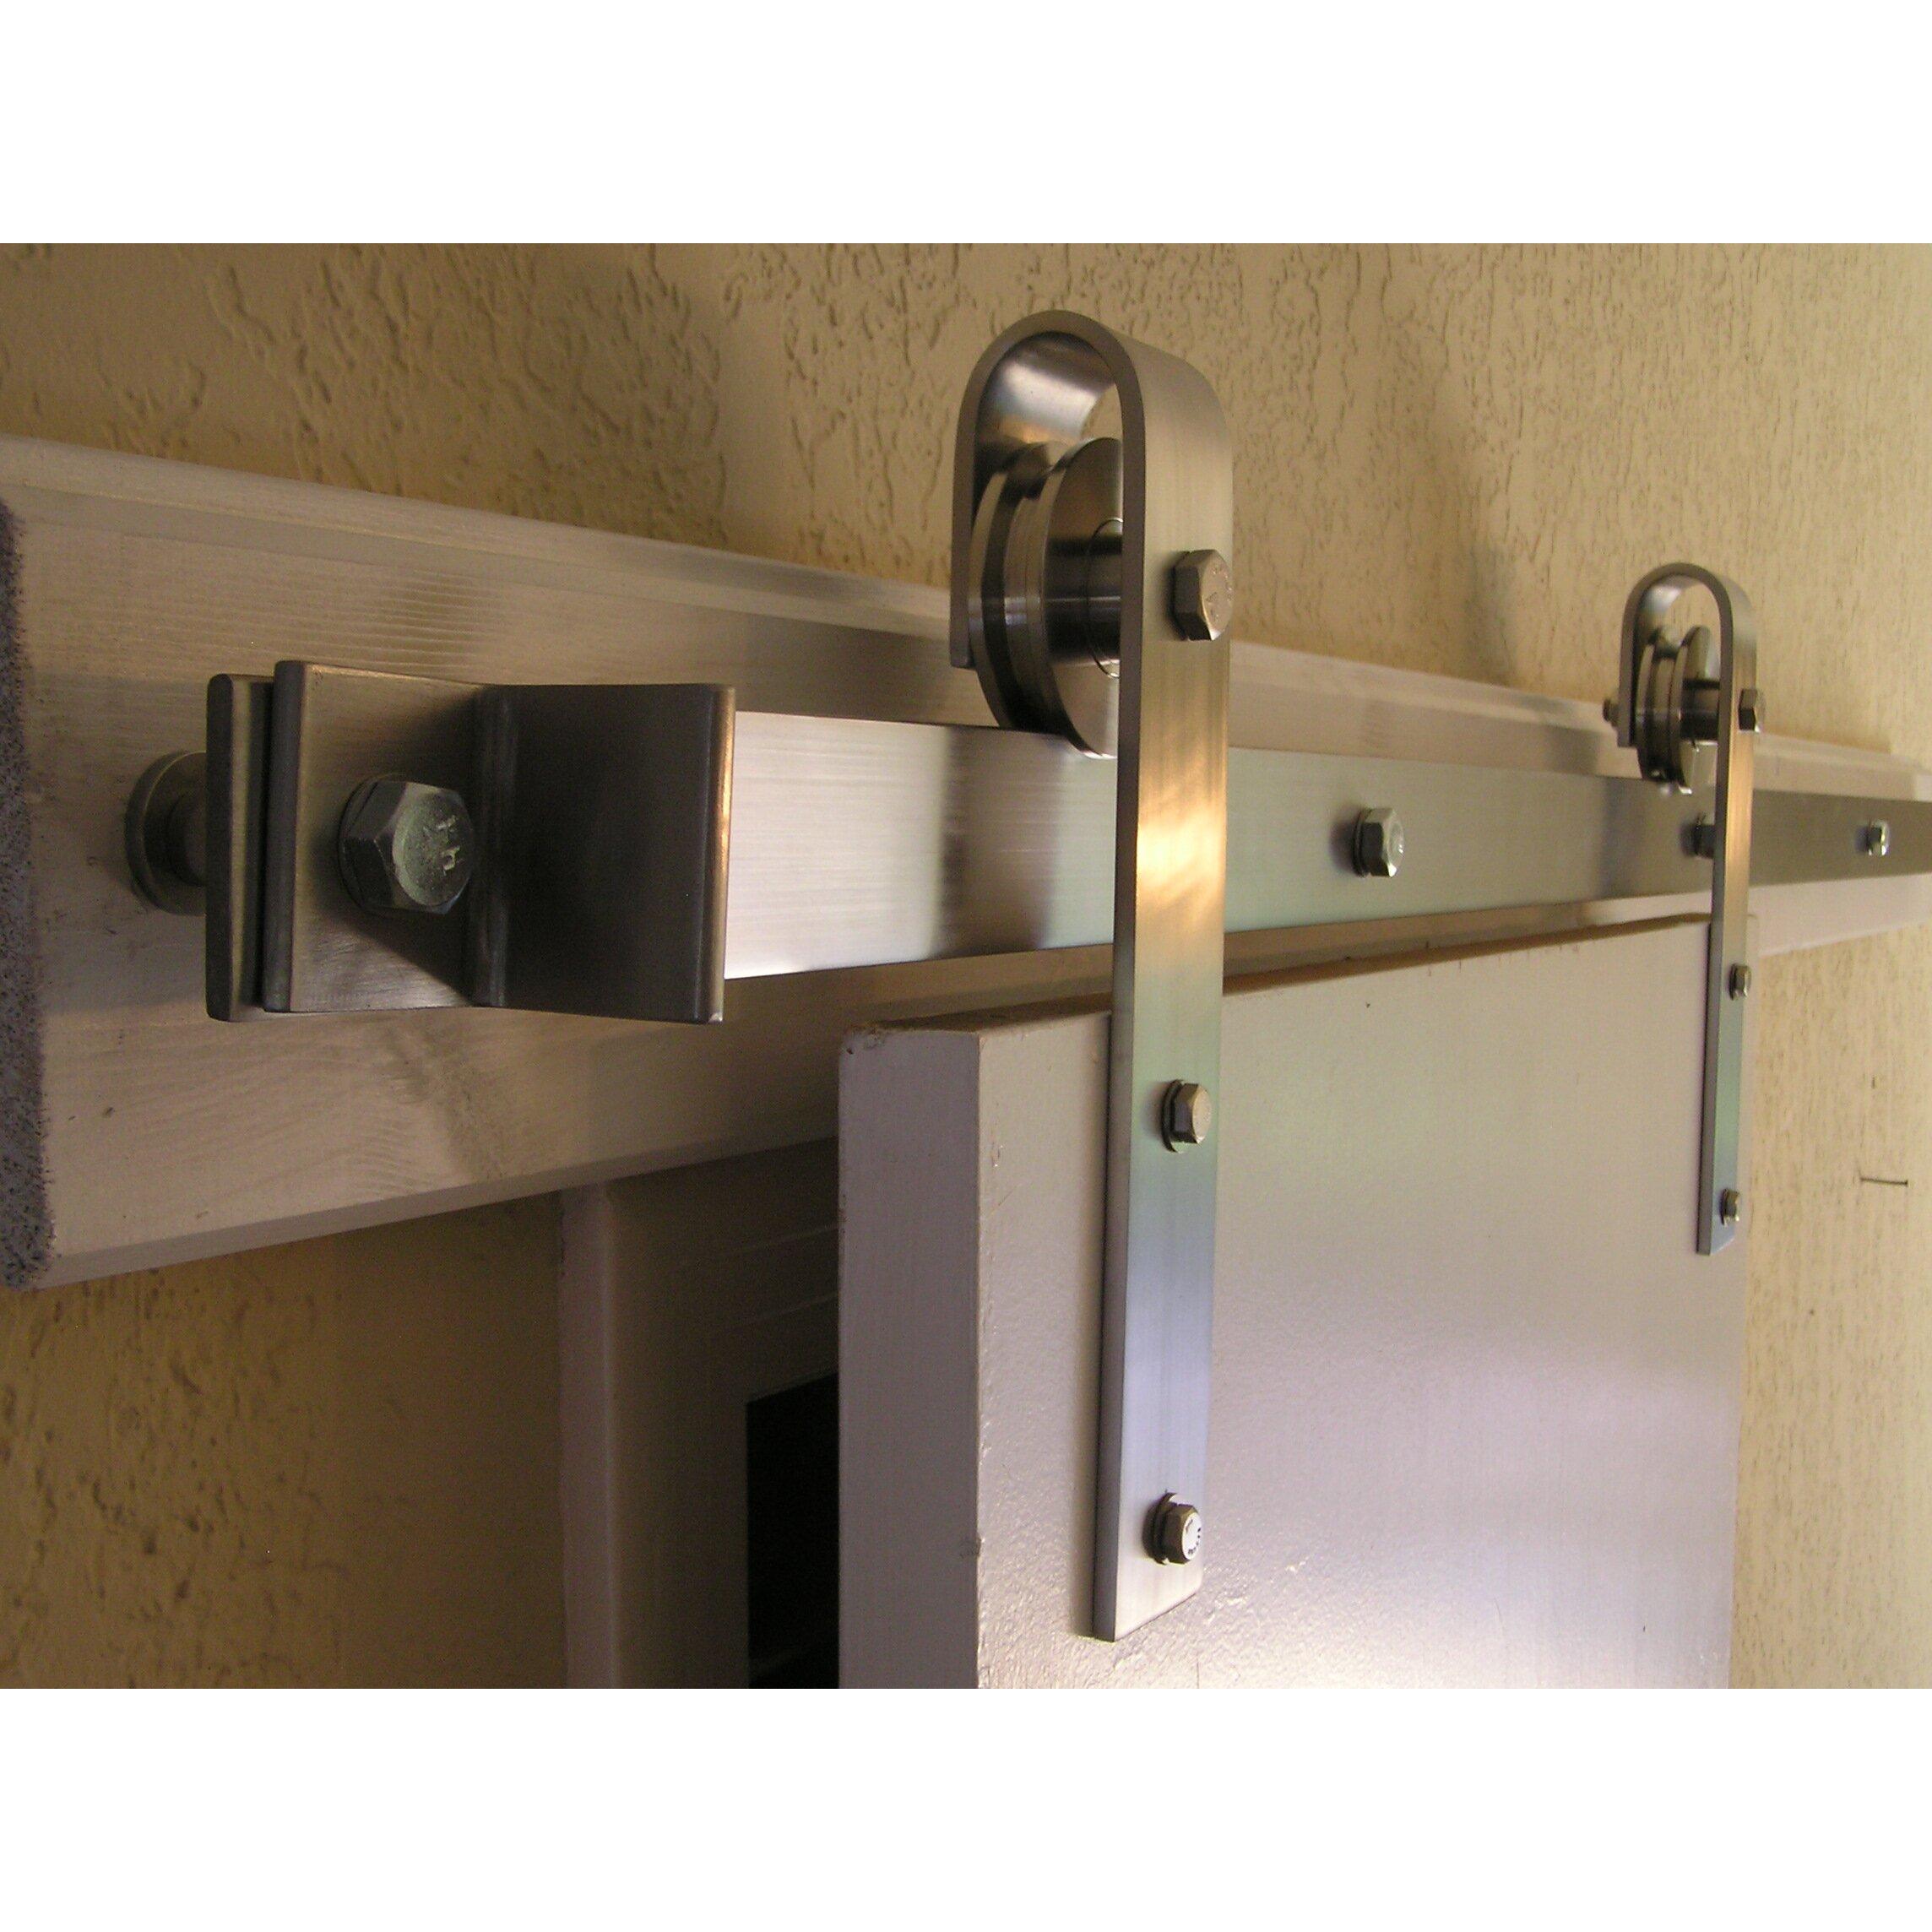 Home improvement hardware amp building materials all door hardware